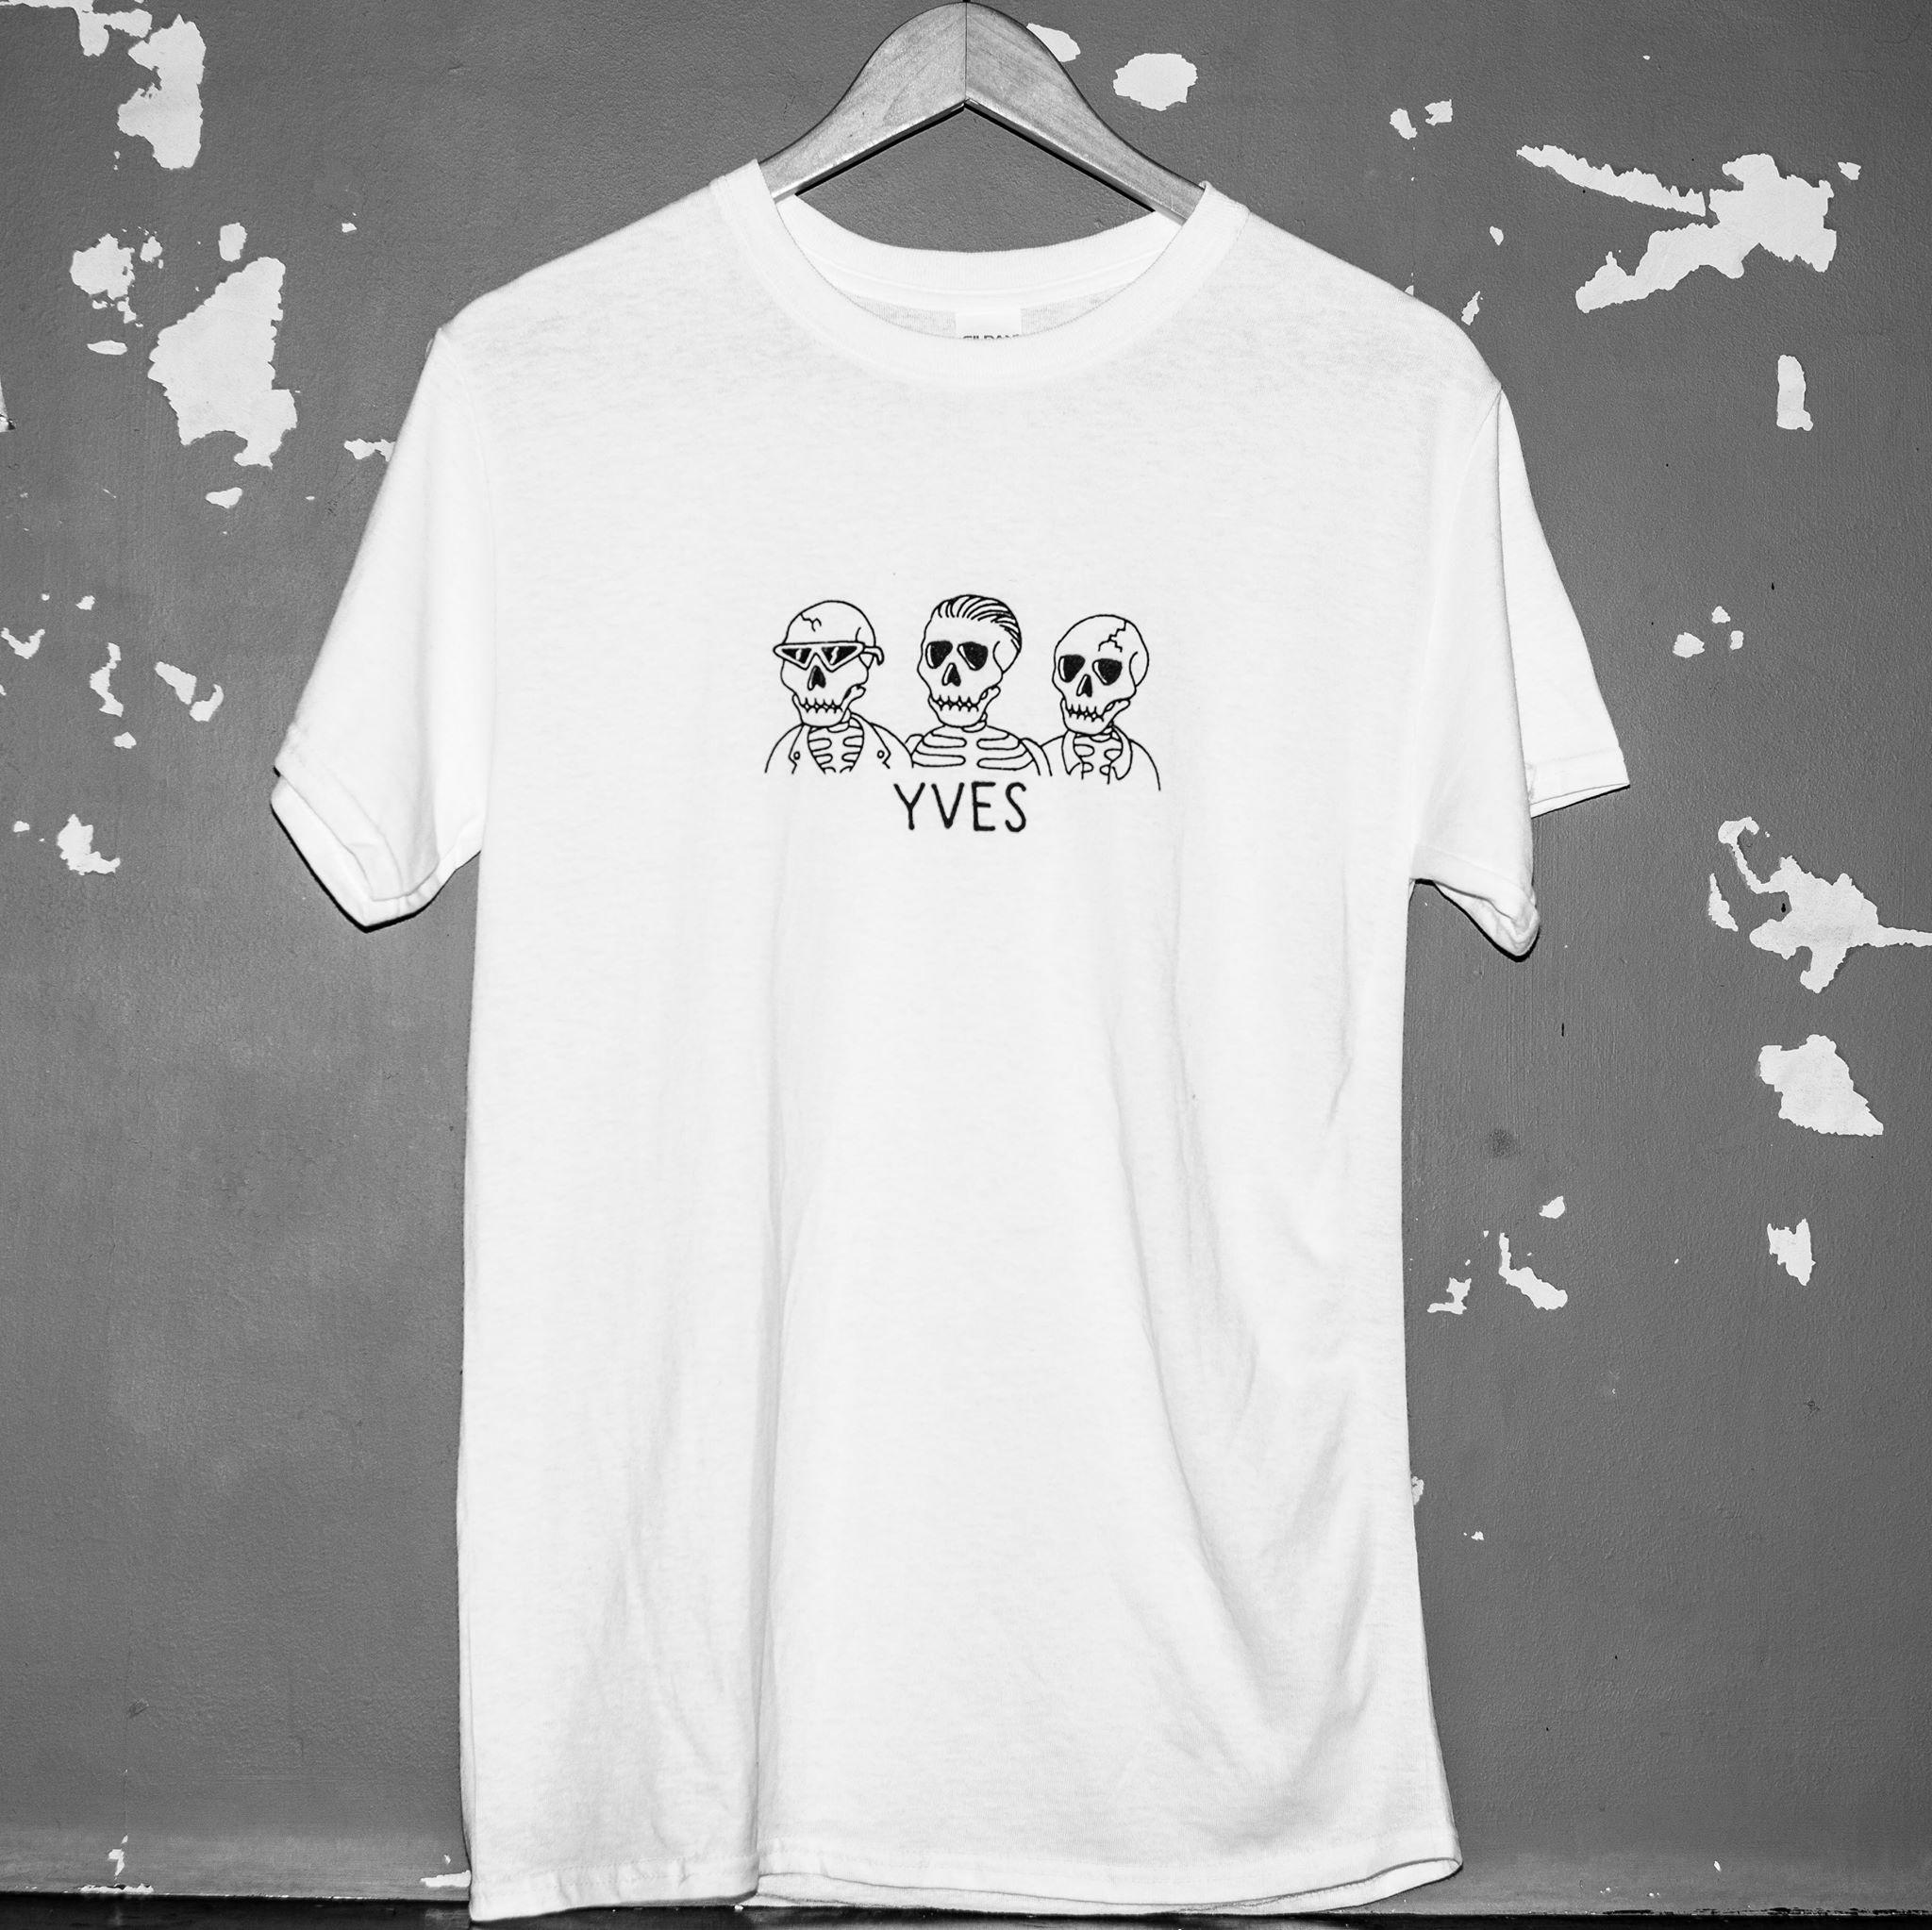 YVES White Skulls T-shirt - YVES